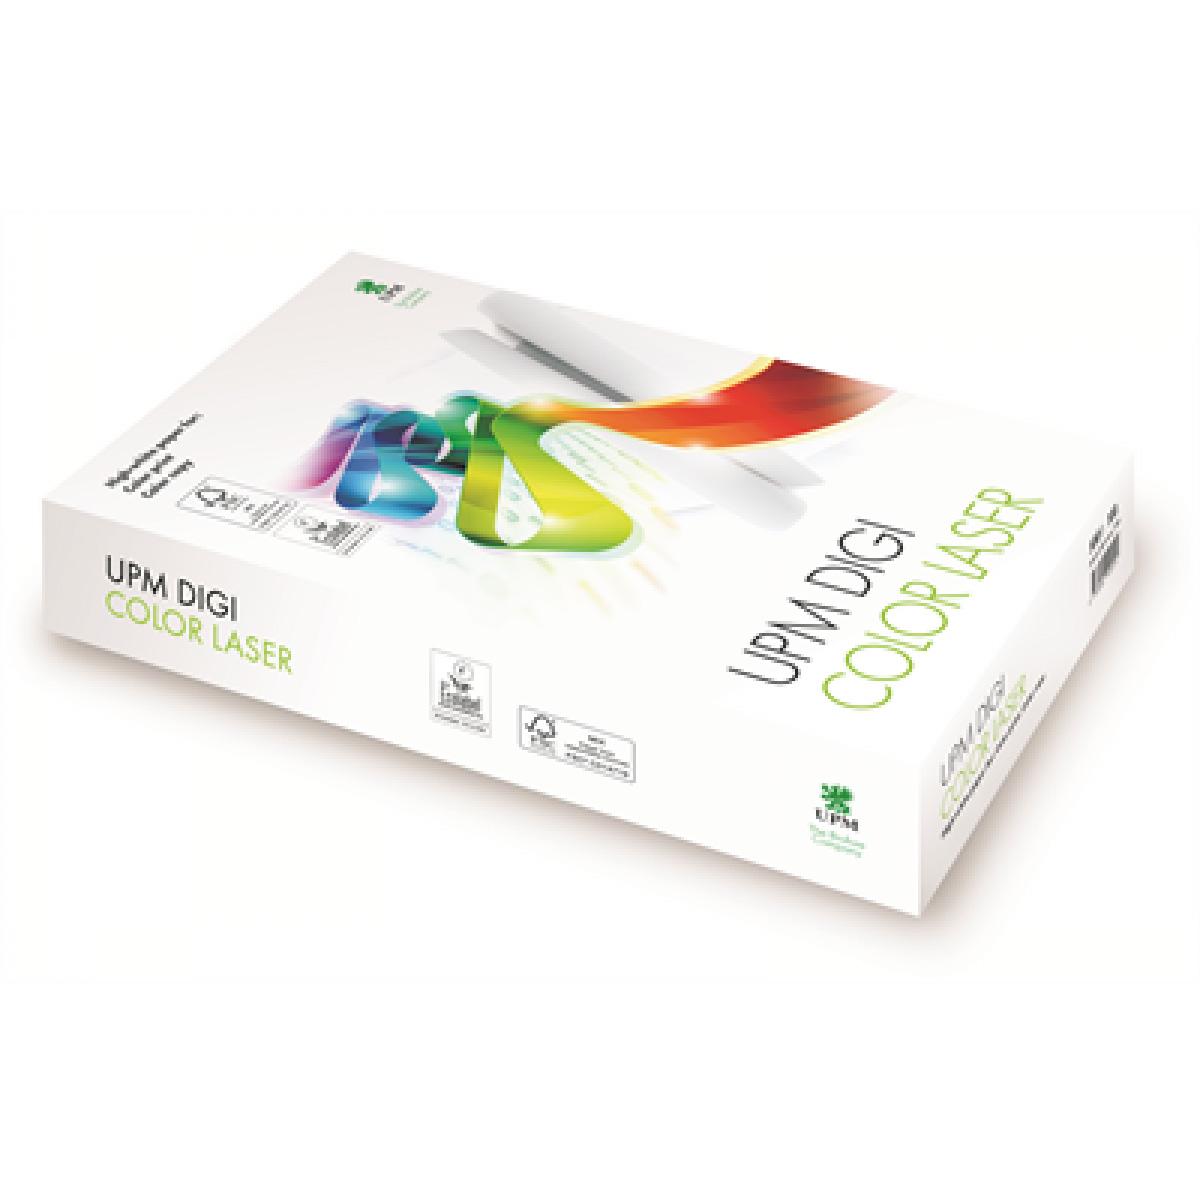 Бумага Digi Color Laser A4 90гр./м2., 500листов UPM - фото 1